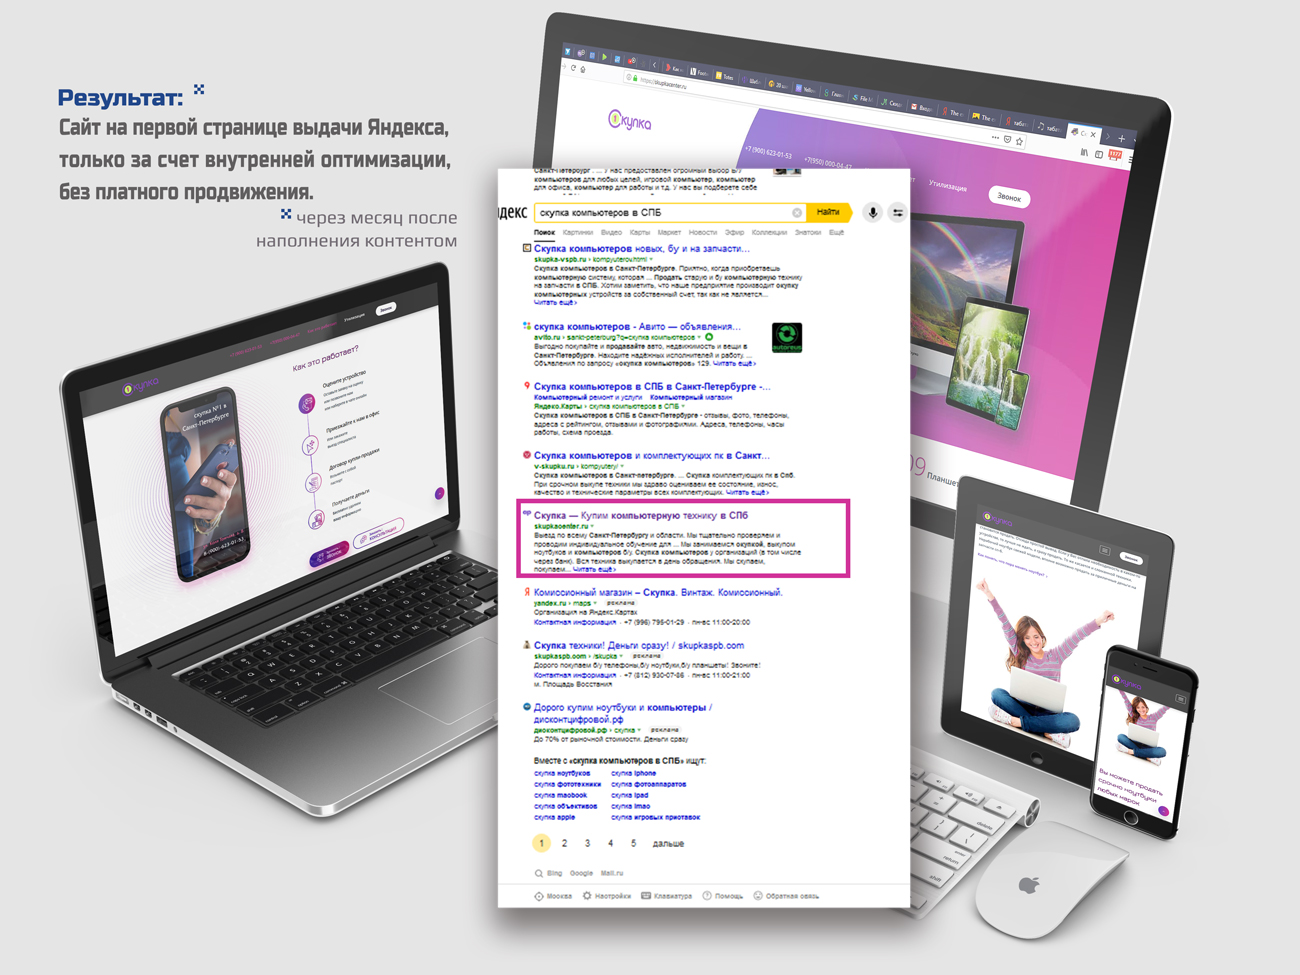 Лендинг - блог Скупки компьютеров и ноутбуков в СПБ.